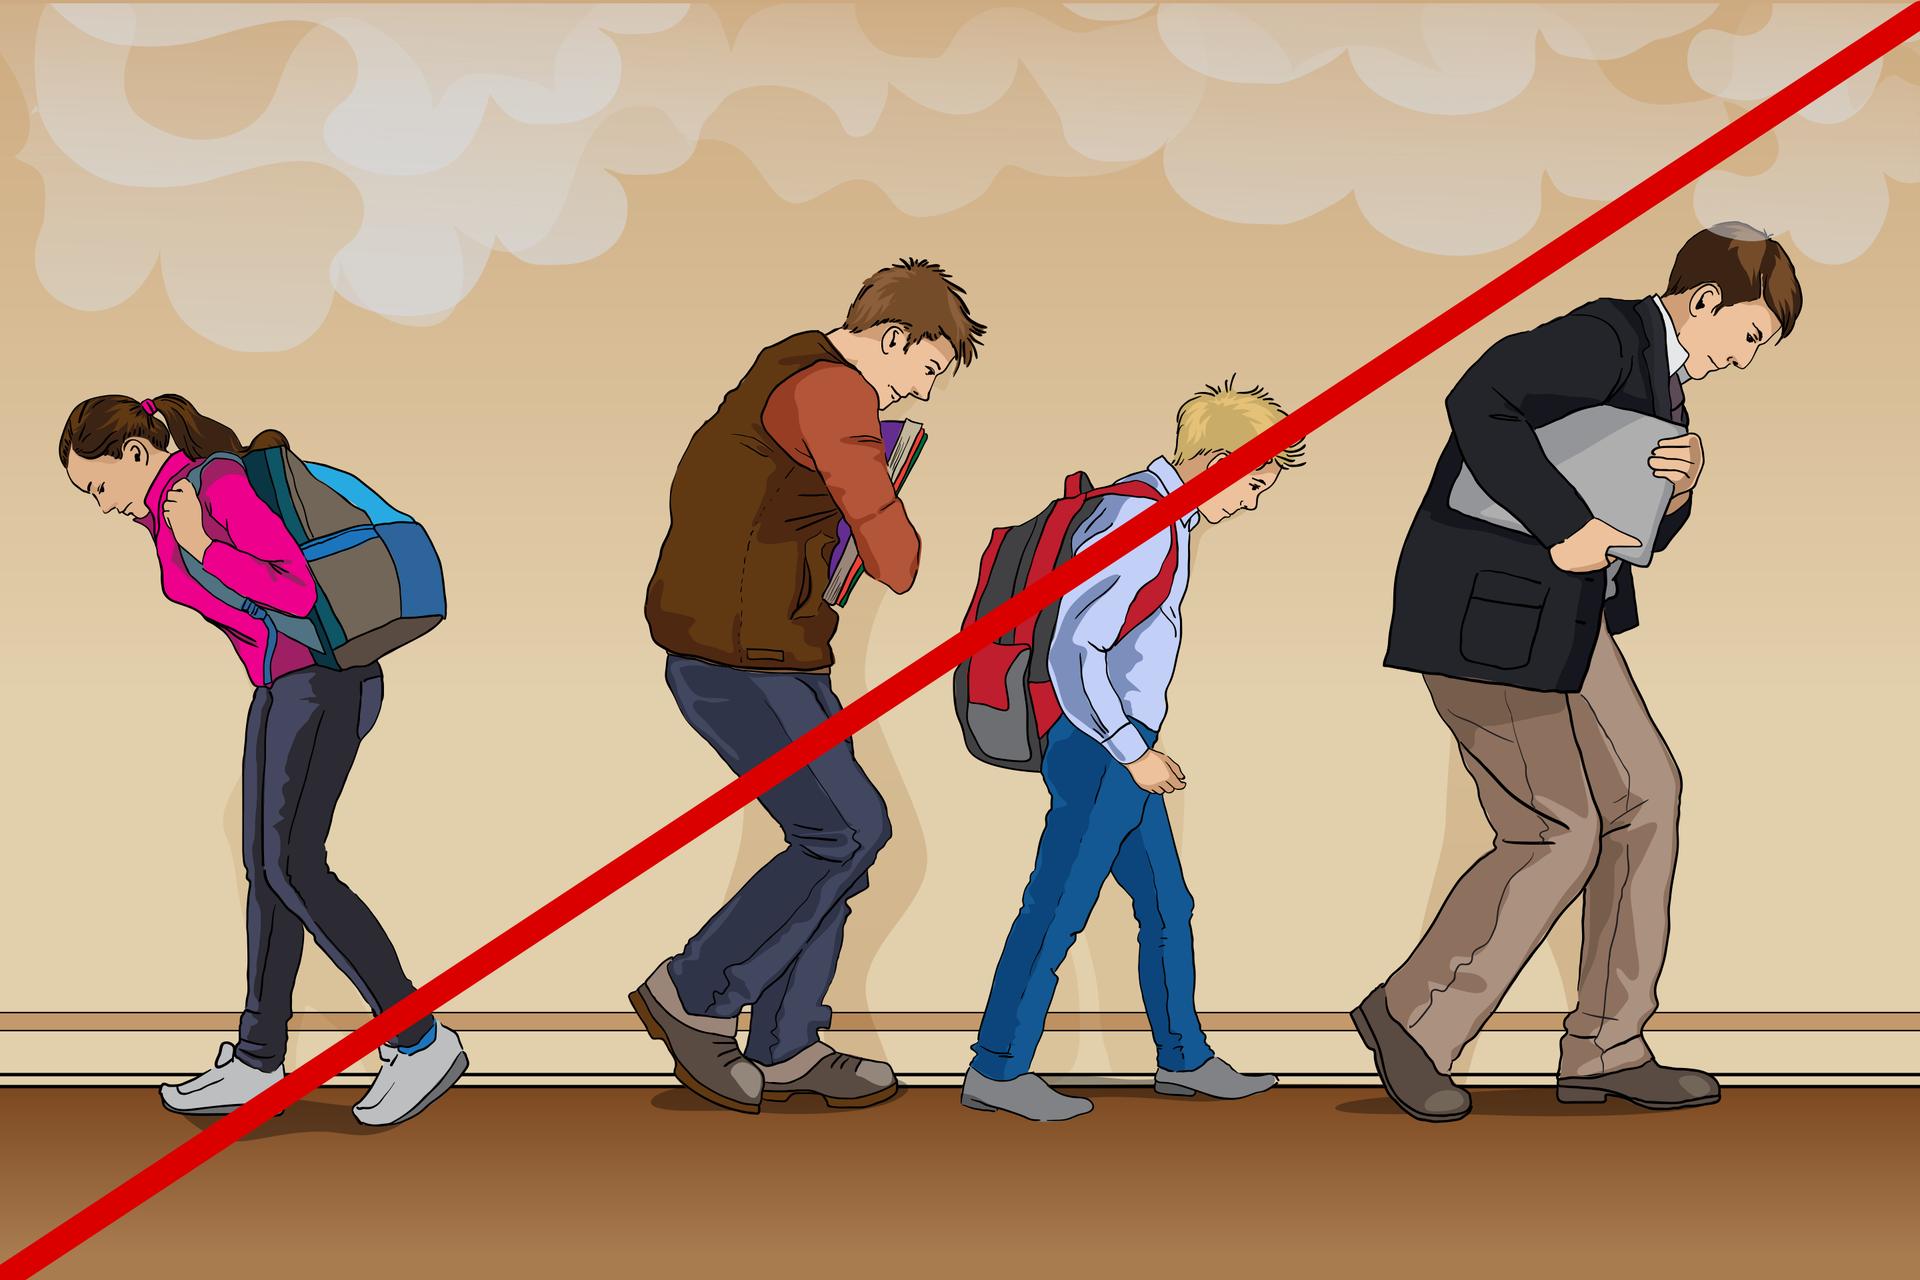 Rysunek podobny do zamieszczonego powyżej. Różnica polega na tym, że grupę uczniów prowadzi osoba wyraźnie starsza, wmarynarce izteczką pod pachą, awięc nauczyciel. Zkolei dziewczyna, która na poprzedniej ilustracji zamykała pochód, tutaj jest odwrócona iidzie winnym kierunku. Rysunek jest przekreślony czerwoną kreską na znak, że wtej sytuacji jest to postępowanie niedopuszczalne. Od momentu rozpoczęcia ewakuacji do jej zakończenia nie należy odłączać się od grupy, ani wykonywać czynności sprzecznych zpoleceniami prowadzącego.